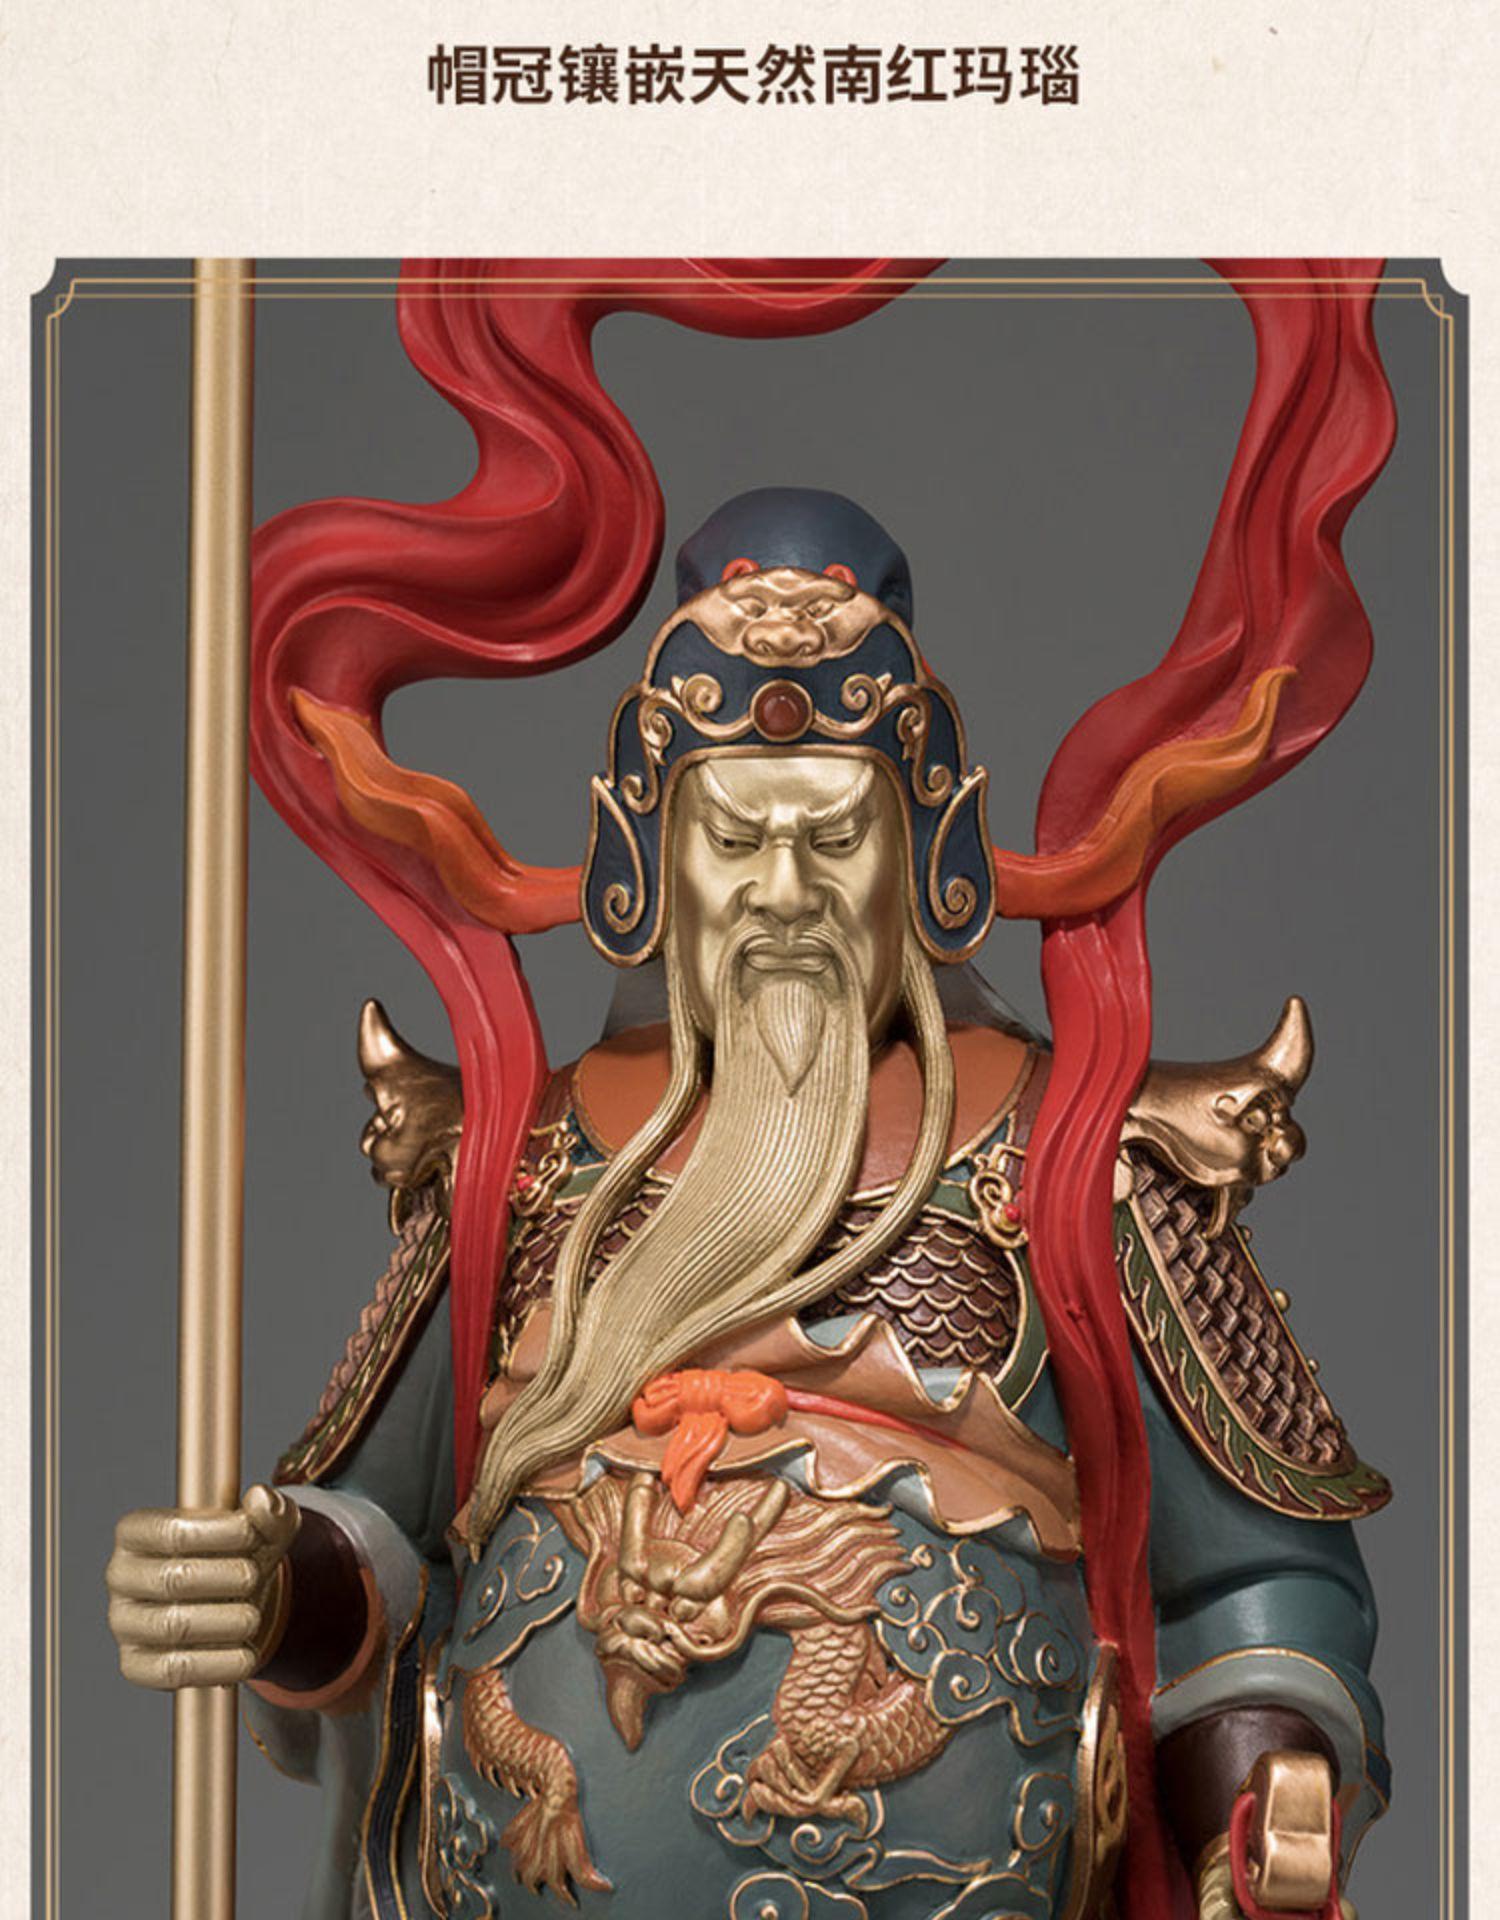 تمثال برونز لشخصية التنين غوان غونغ مامون كبير من آسيا عالي الجودة حظا سعيدا إله الثروة متجر المنزل بار الشركة شفيع القديس